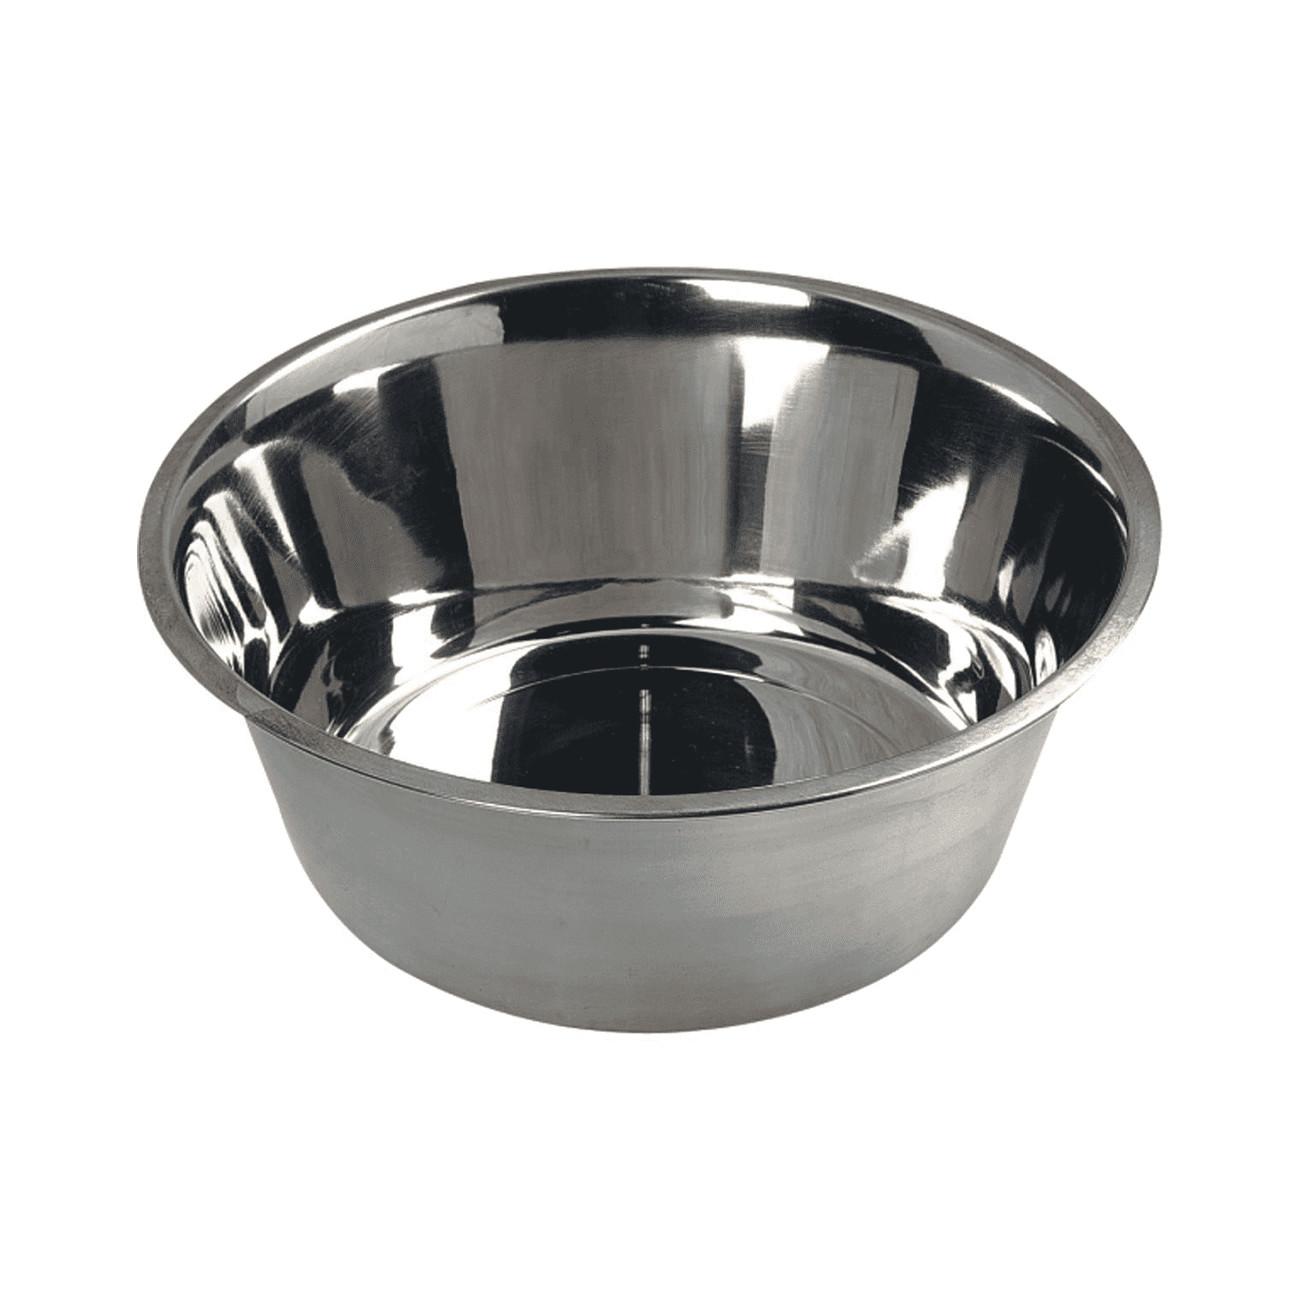 Roestvrijstalen Voerbak/Drinkbak voor de hond 16 cm